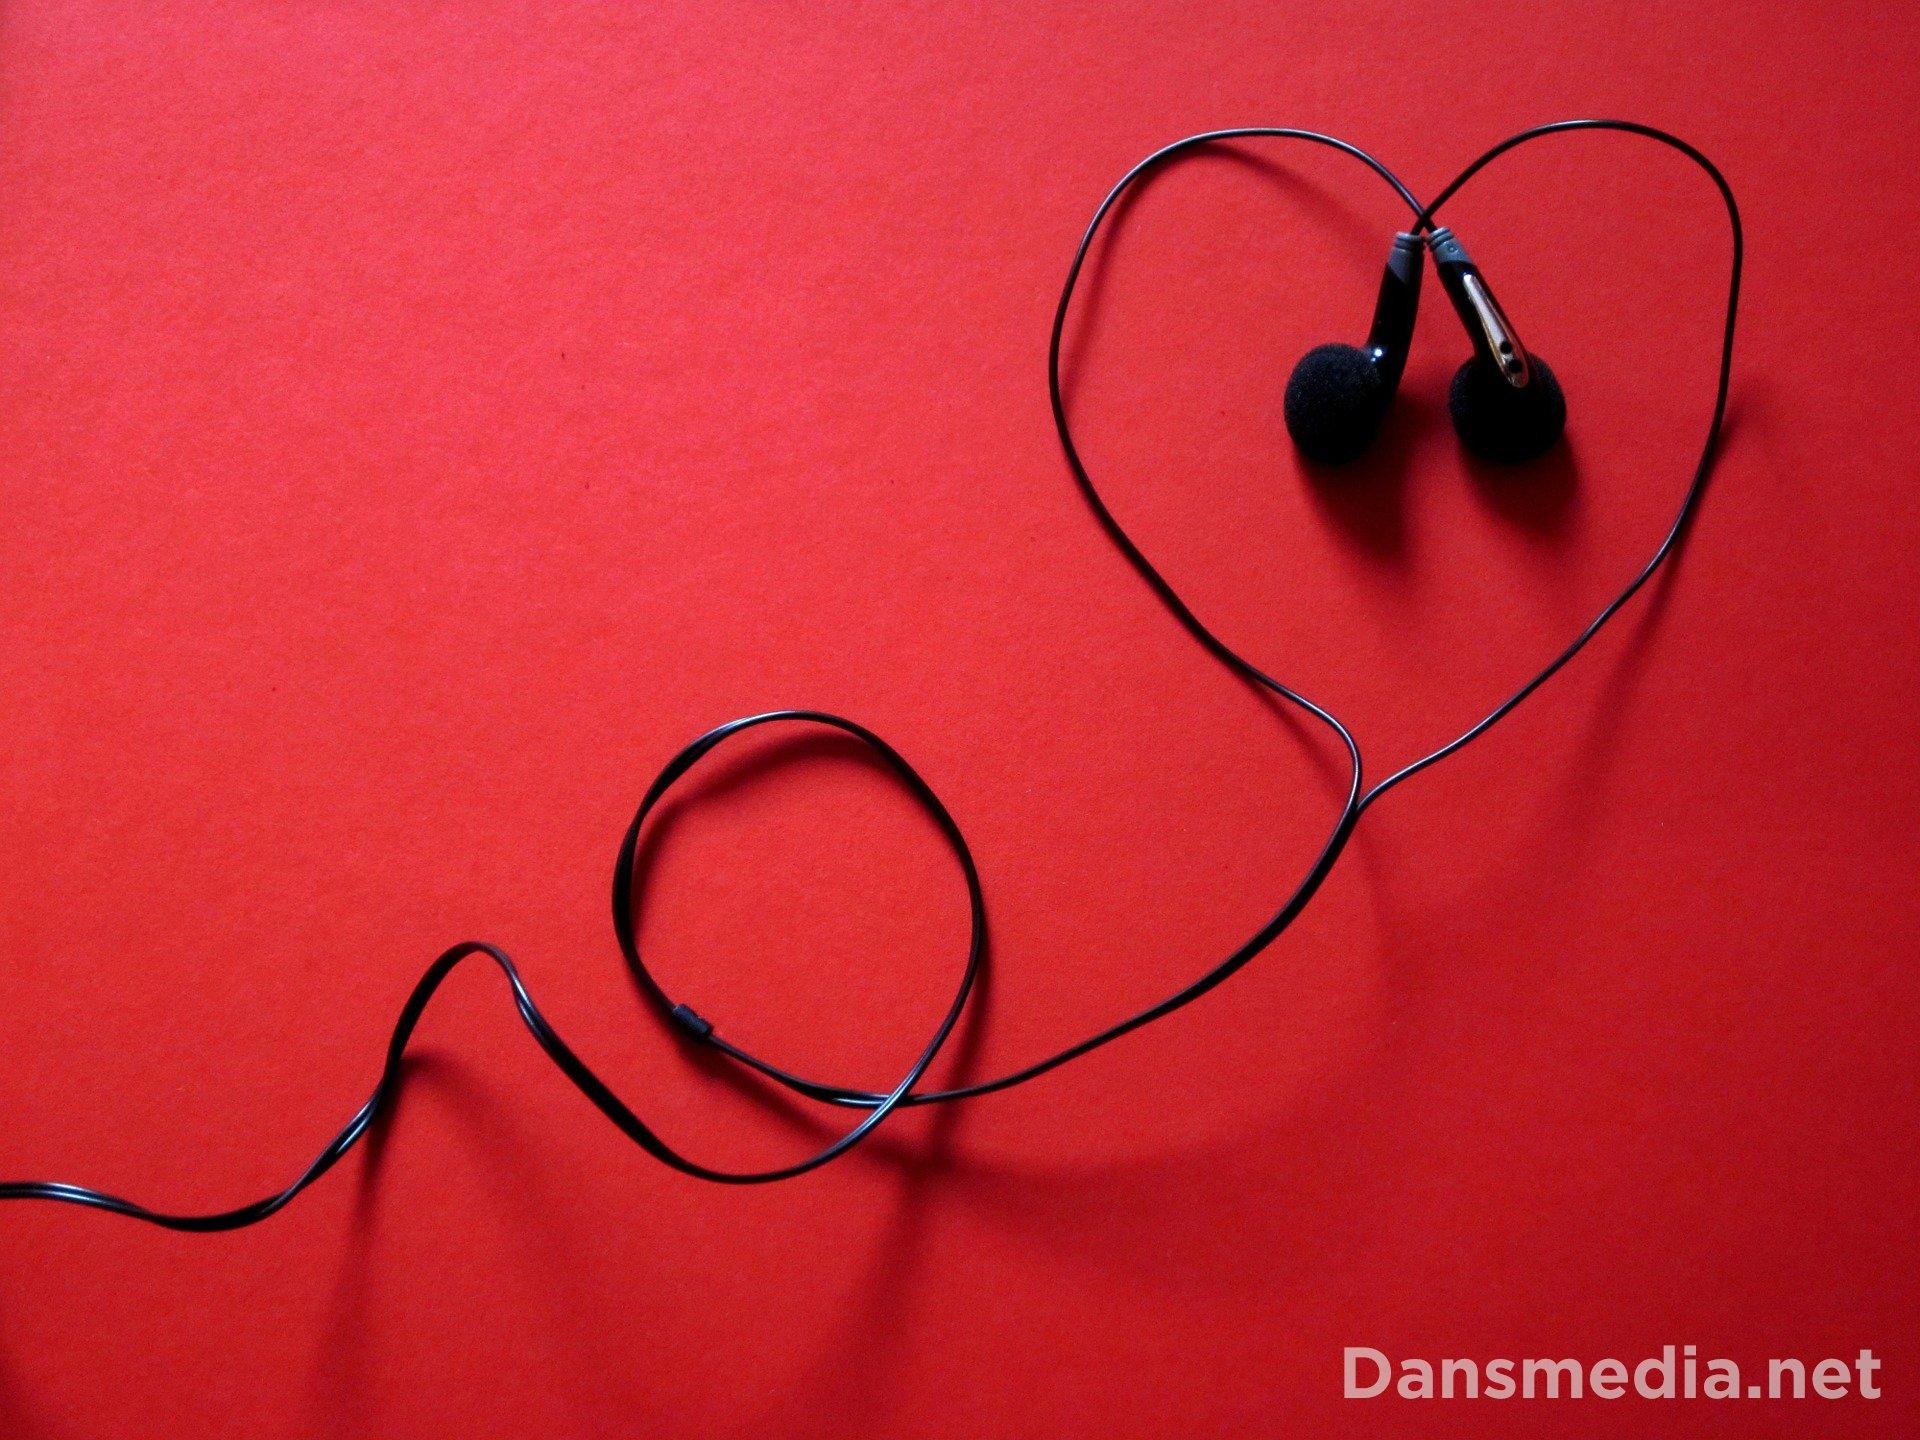 9 Daftar Lagu penyemangat dan enak didengar, mood booster!